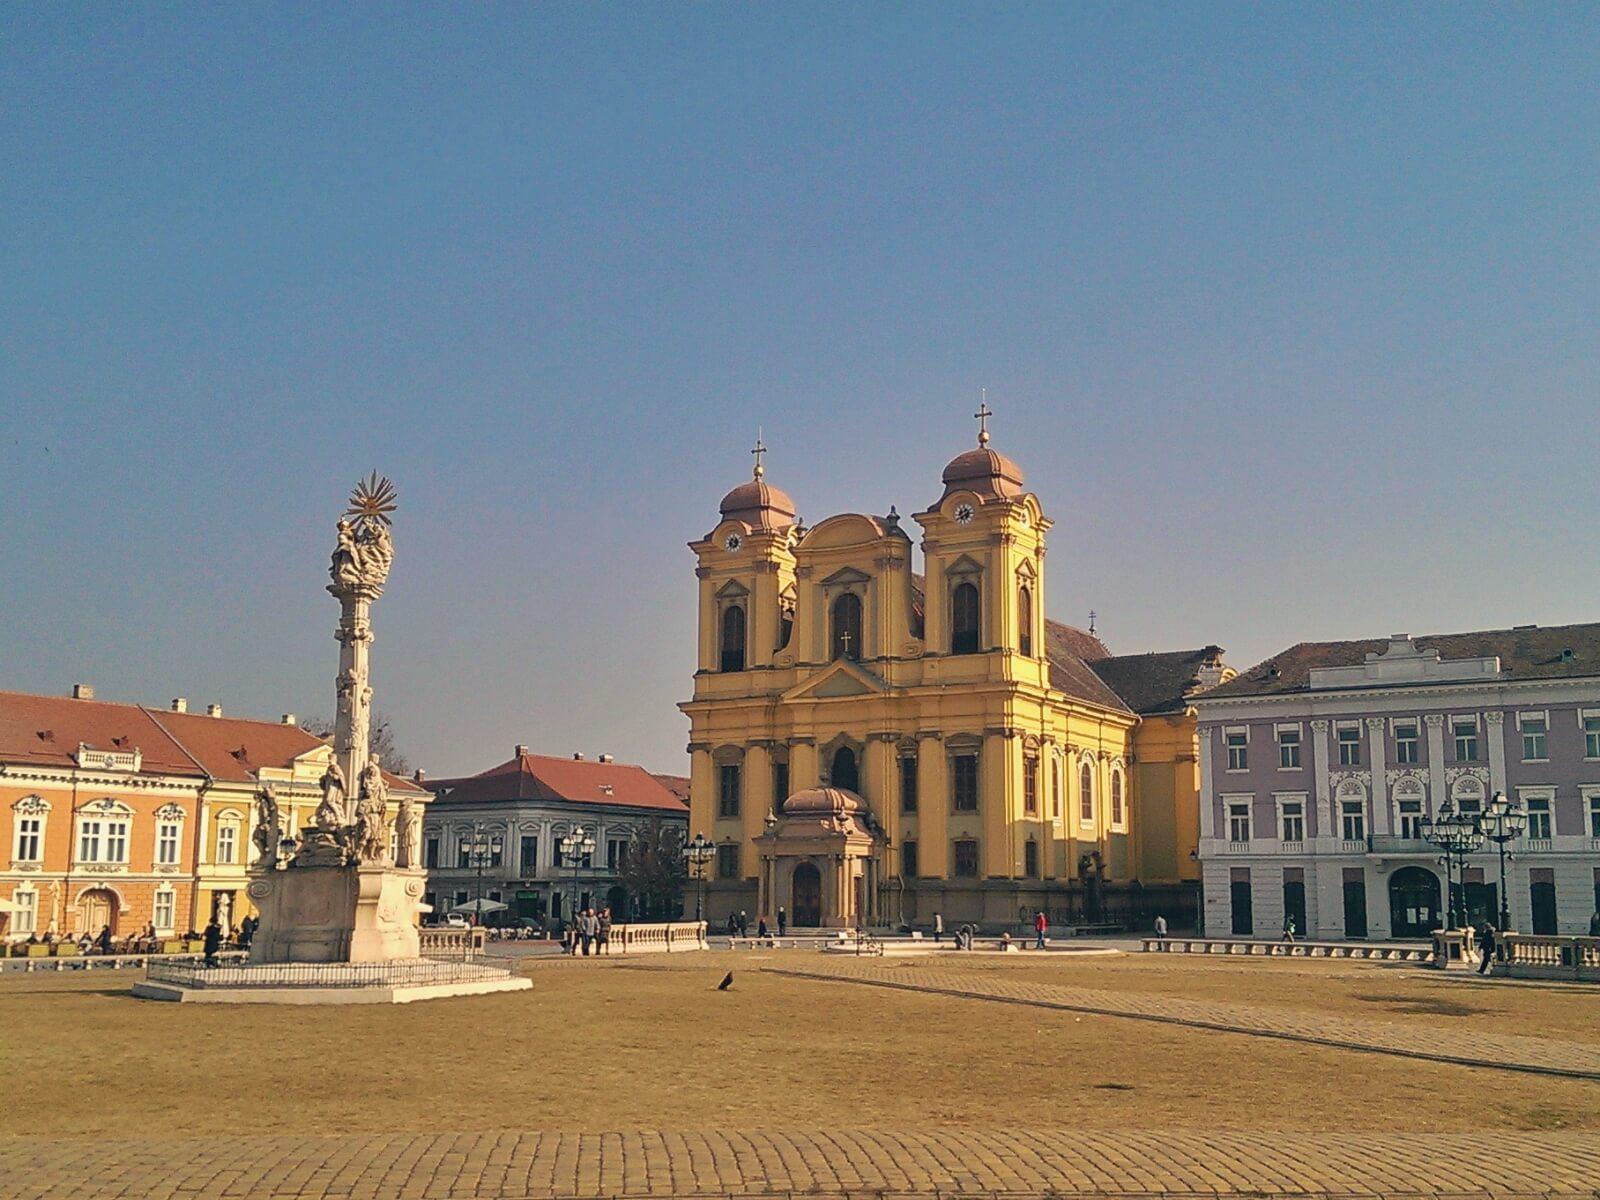 Katedra w Timisoarze w Rumunii.